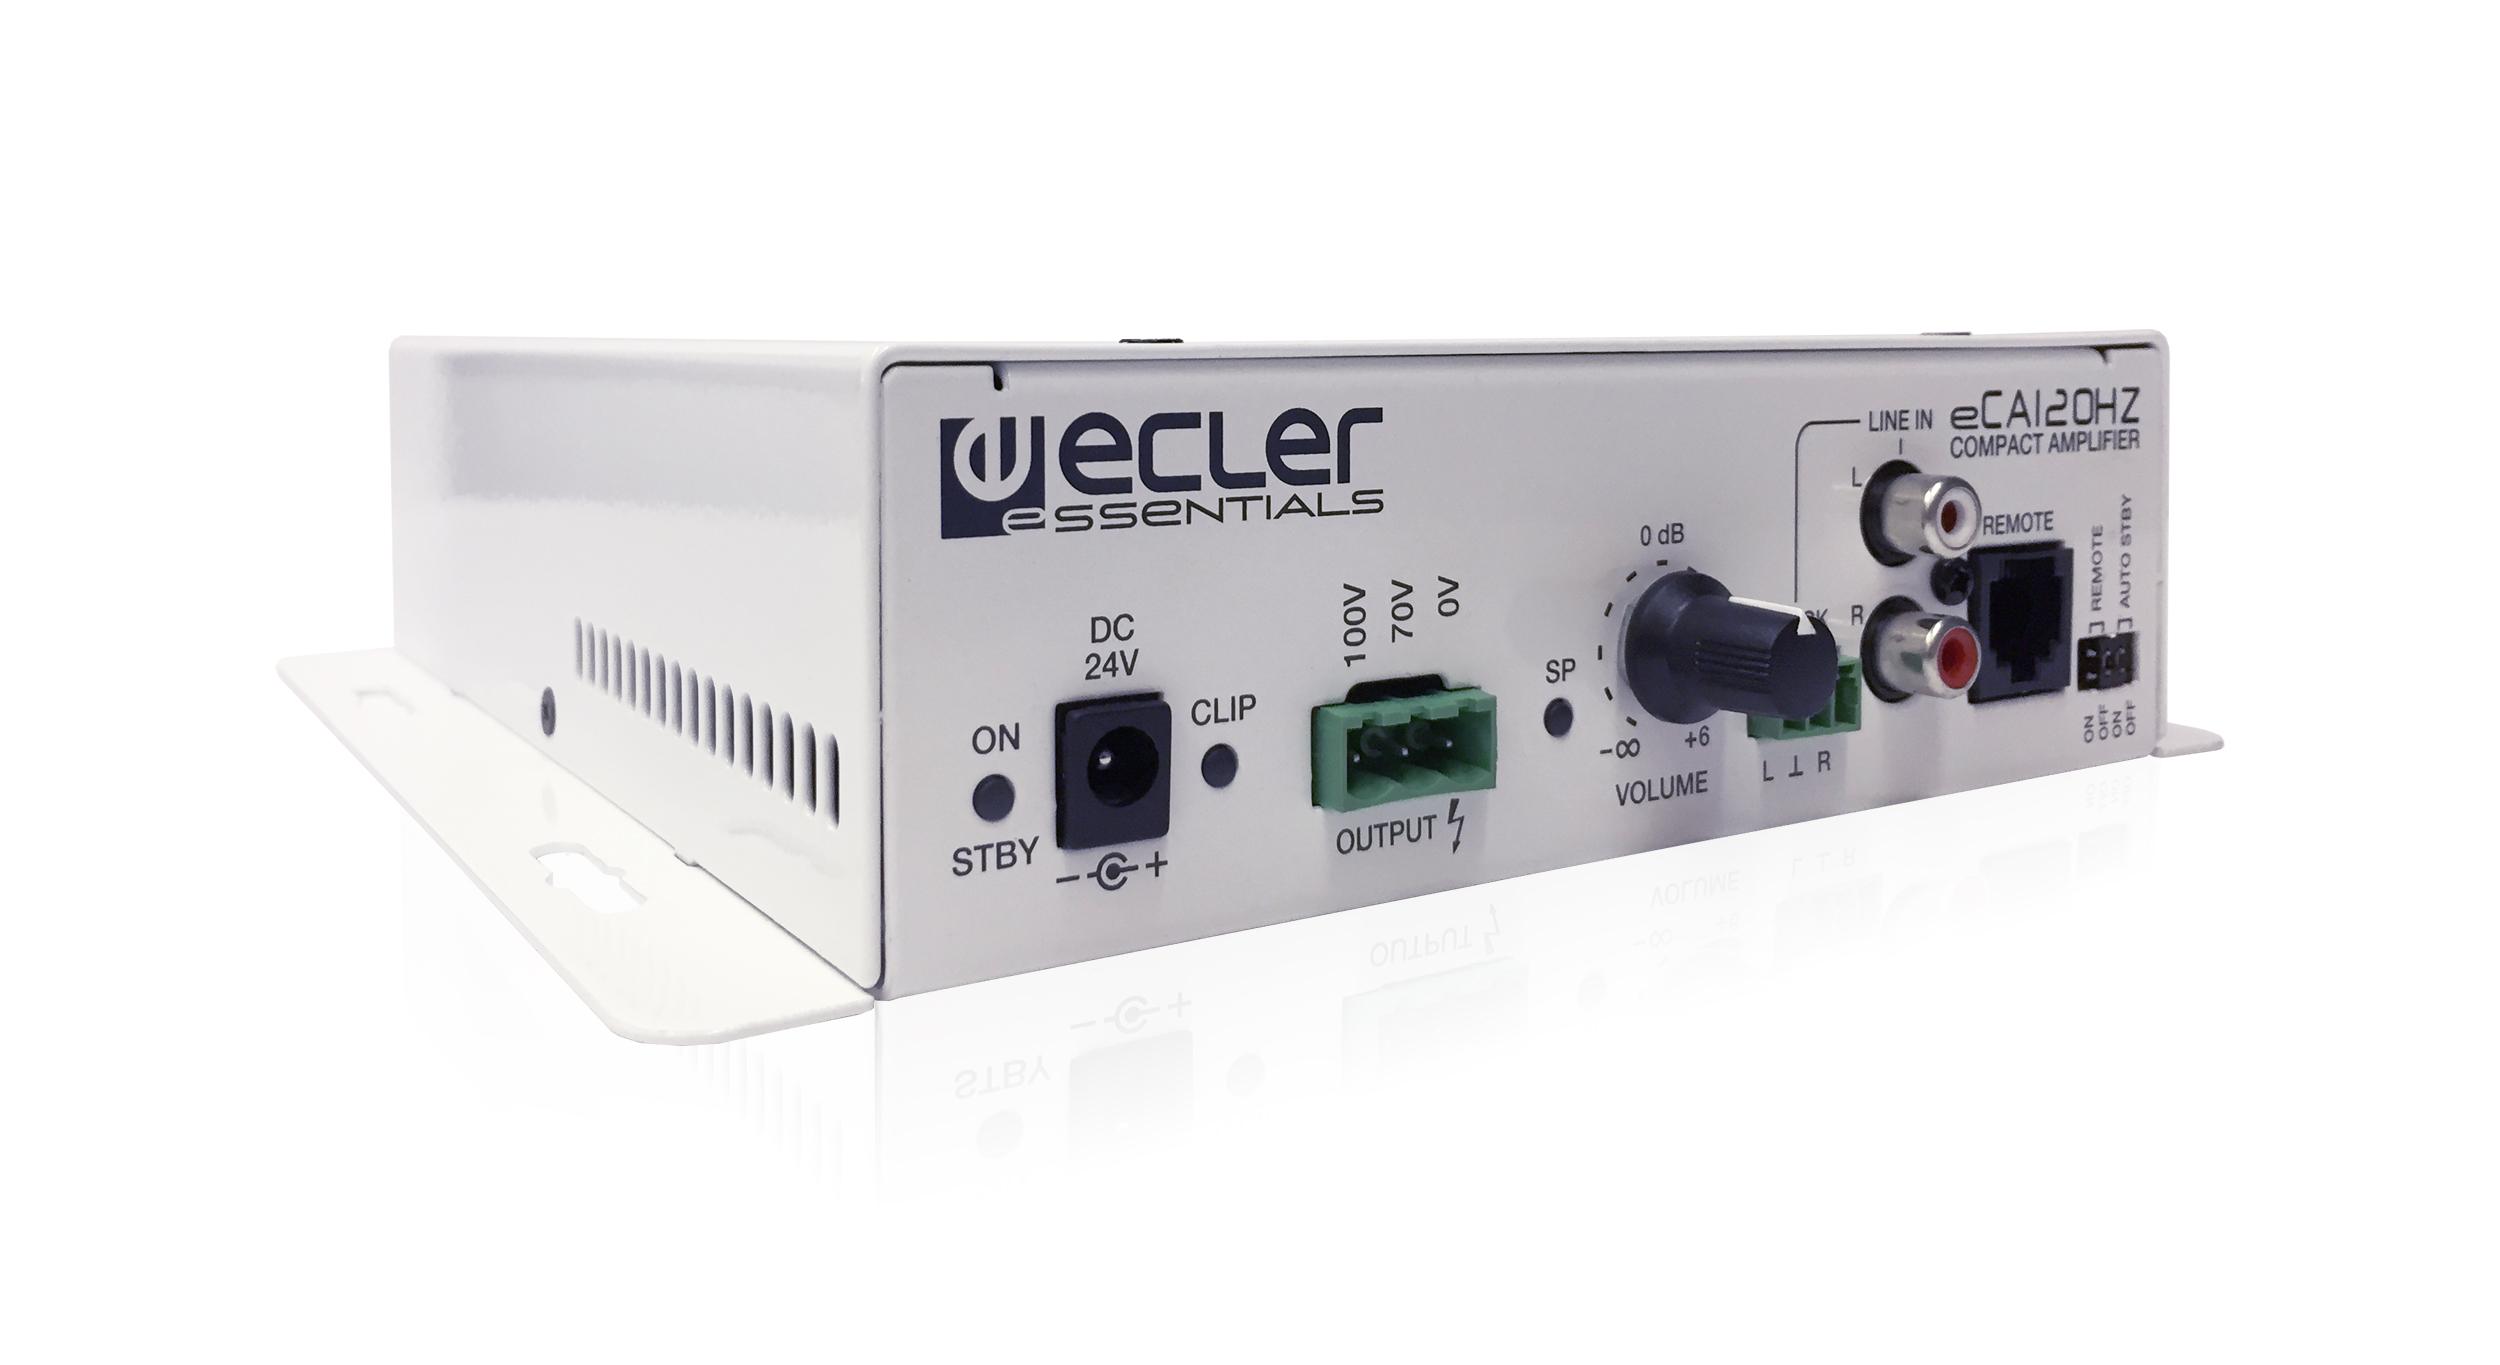 ECLER ESSENTIALS eCA120HZ compact amplifier